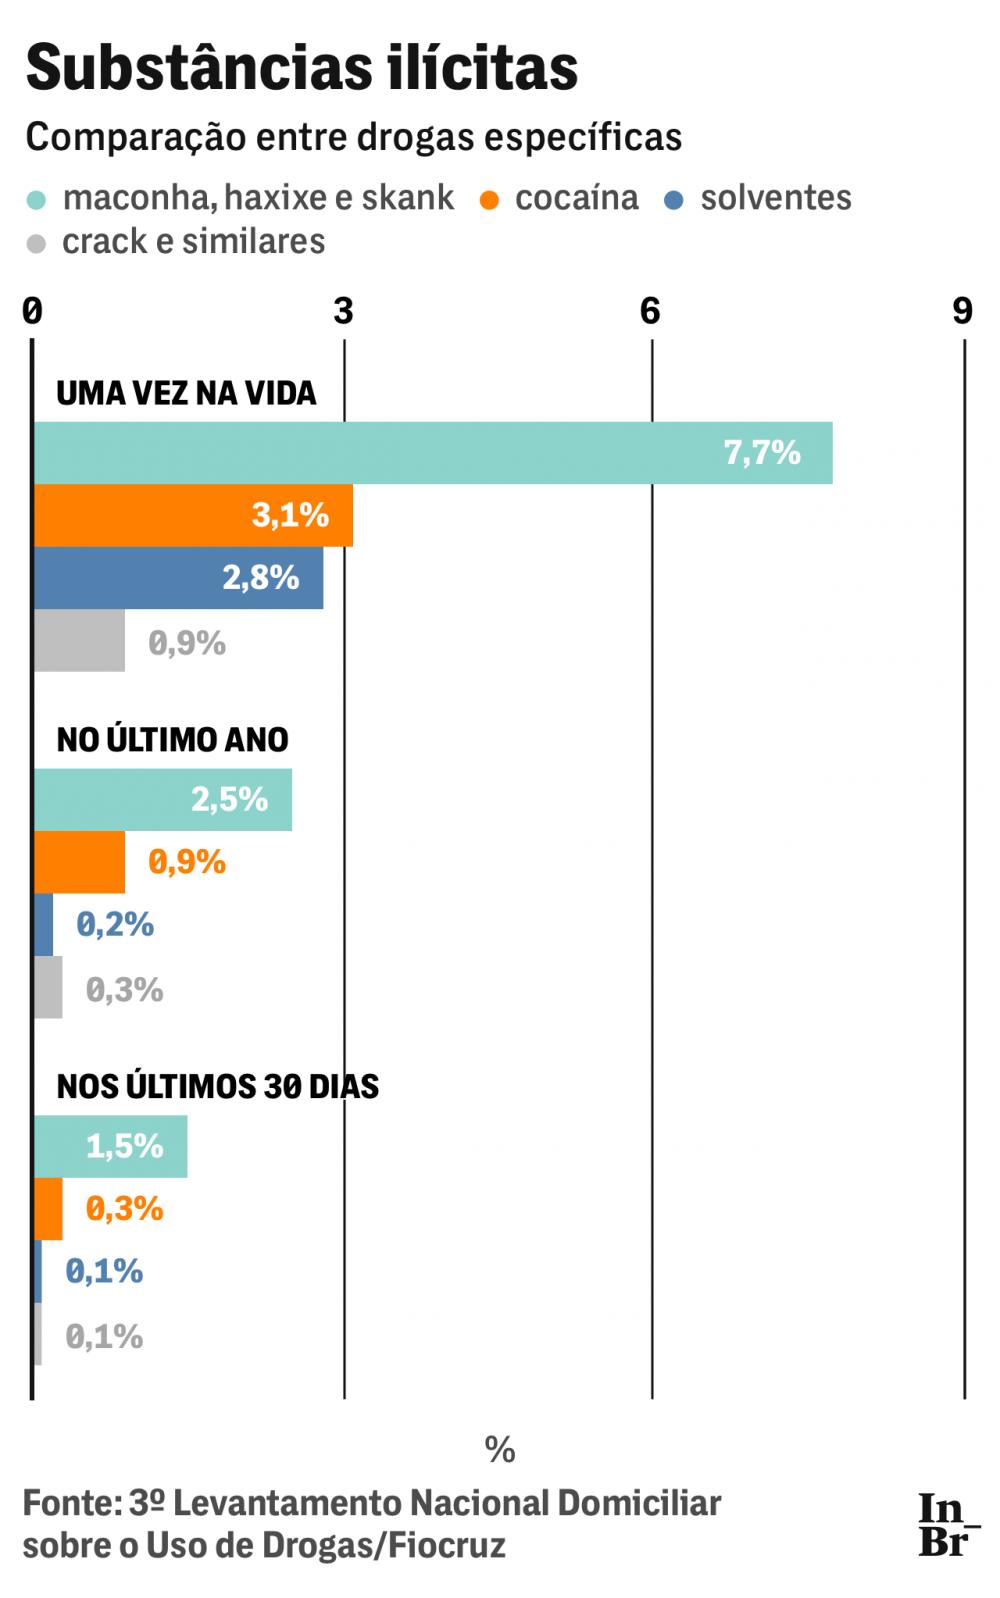 29-03-19-drogas-grafico-ilicitas-2-1553897347